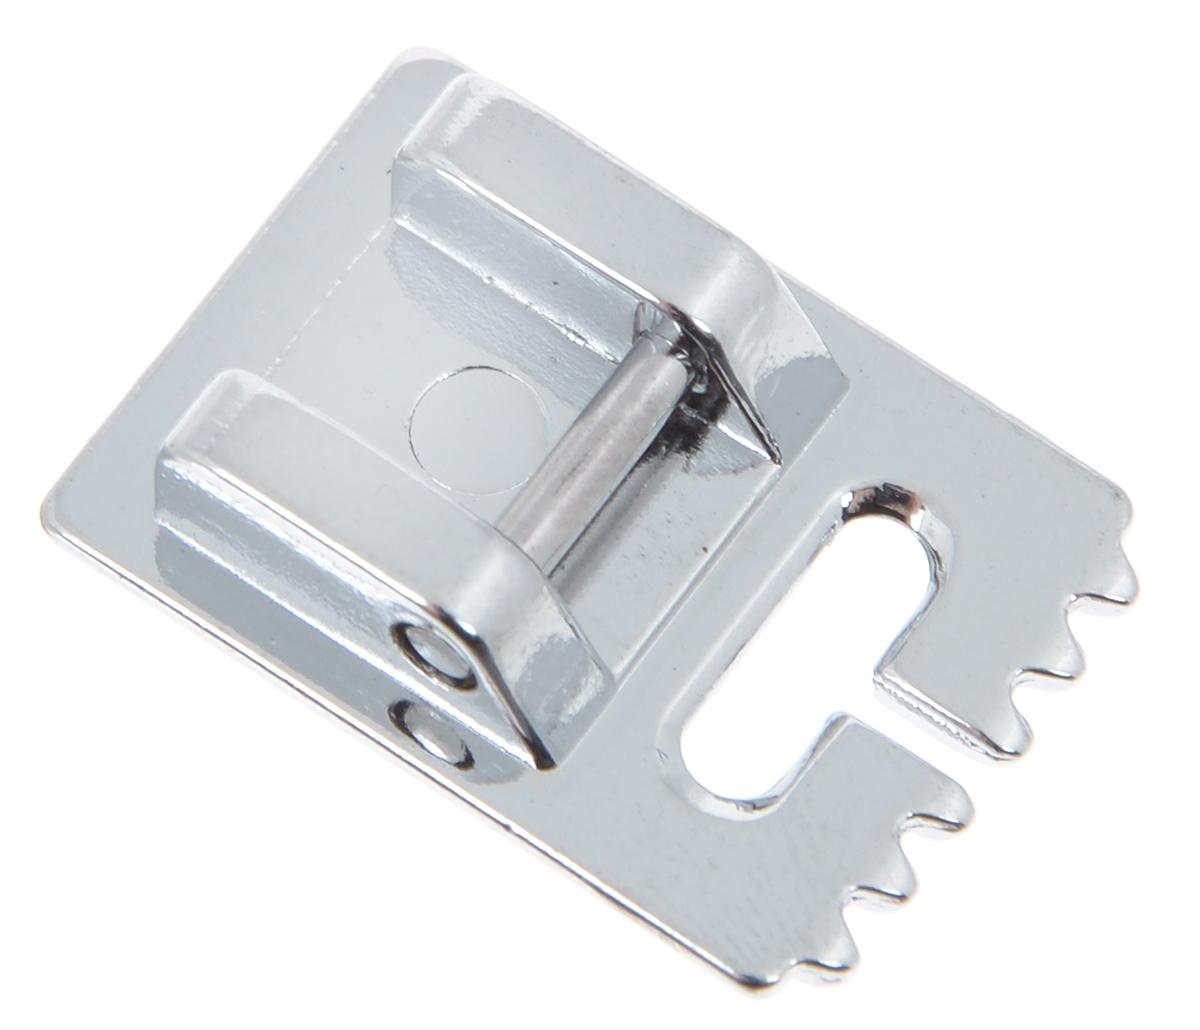 Лапка для швейной машины Aurora, для защиповComfort 05-15Лапка для швейной машины Aurora в сочетании с двойной иглой позволит прошить параллельные защипы на изделиях. Их также можно комбинировать с декоративными строчками. Подходит для большинства современных бытовых швейных машин. Инструкция по использованию прилагается.